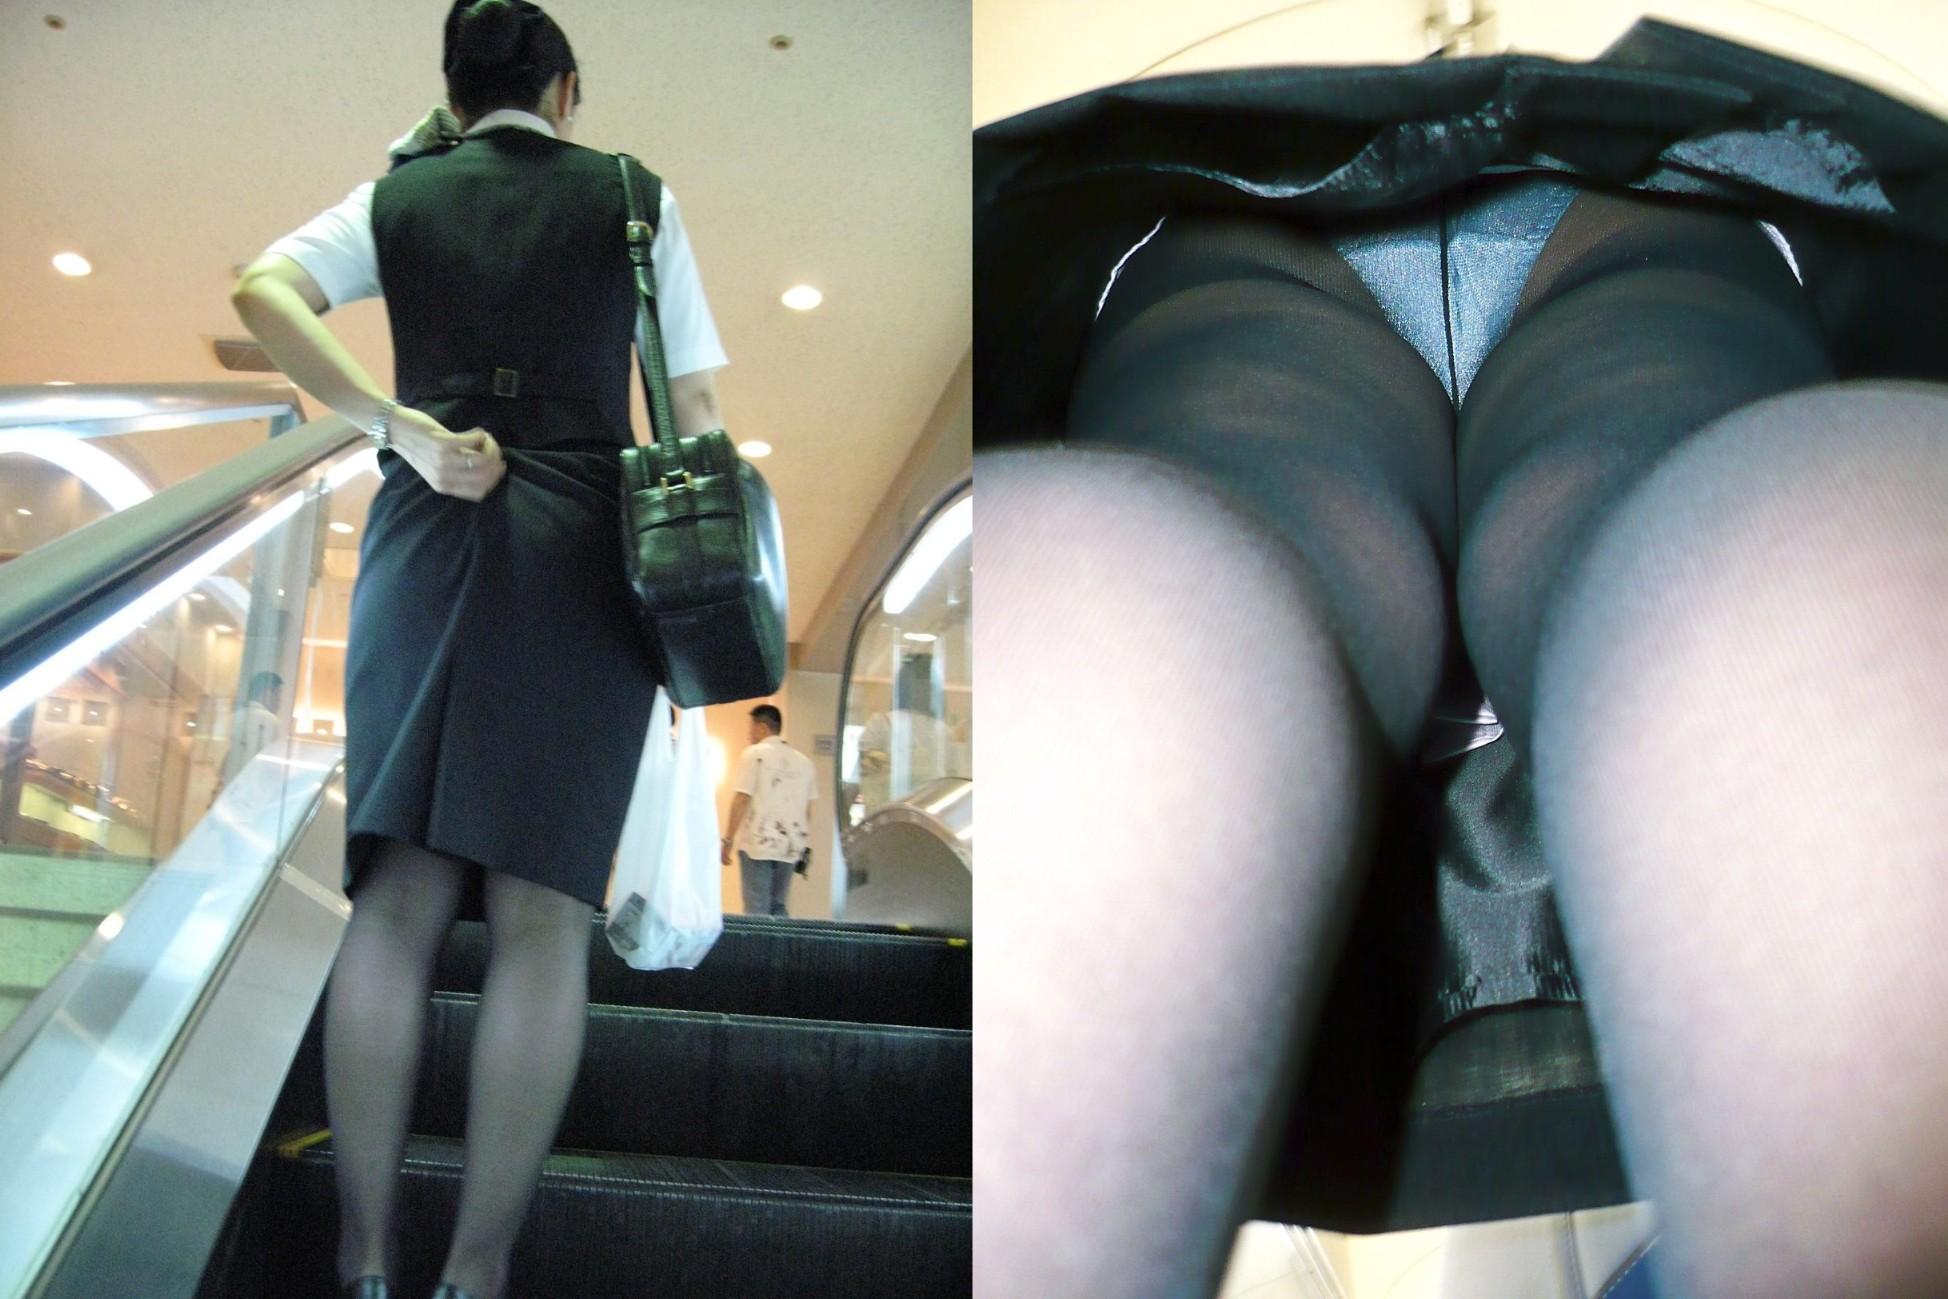 【パンチラ盗撮】業務中、社内行事に外回り…働く女性のムレた股間を必死に覗いたパンチラ画像 09